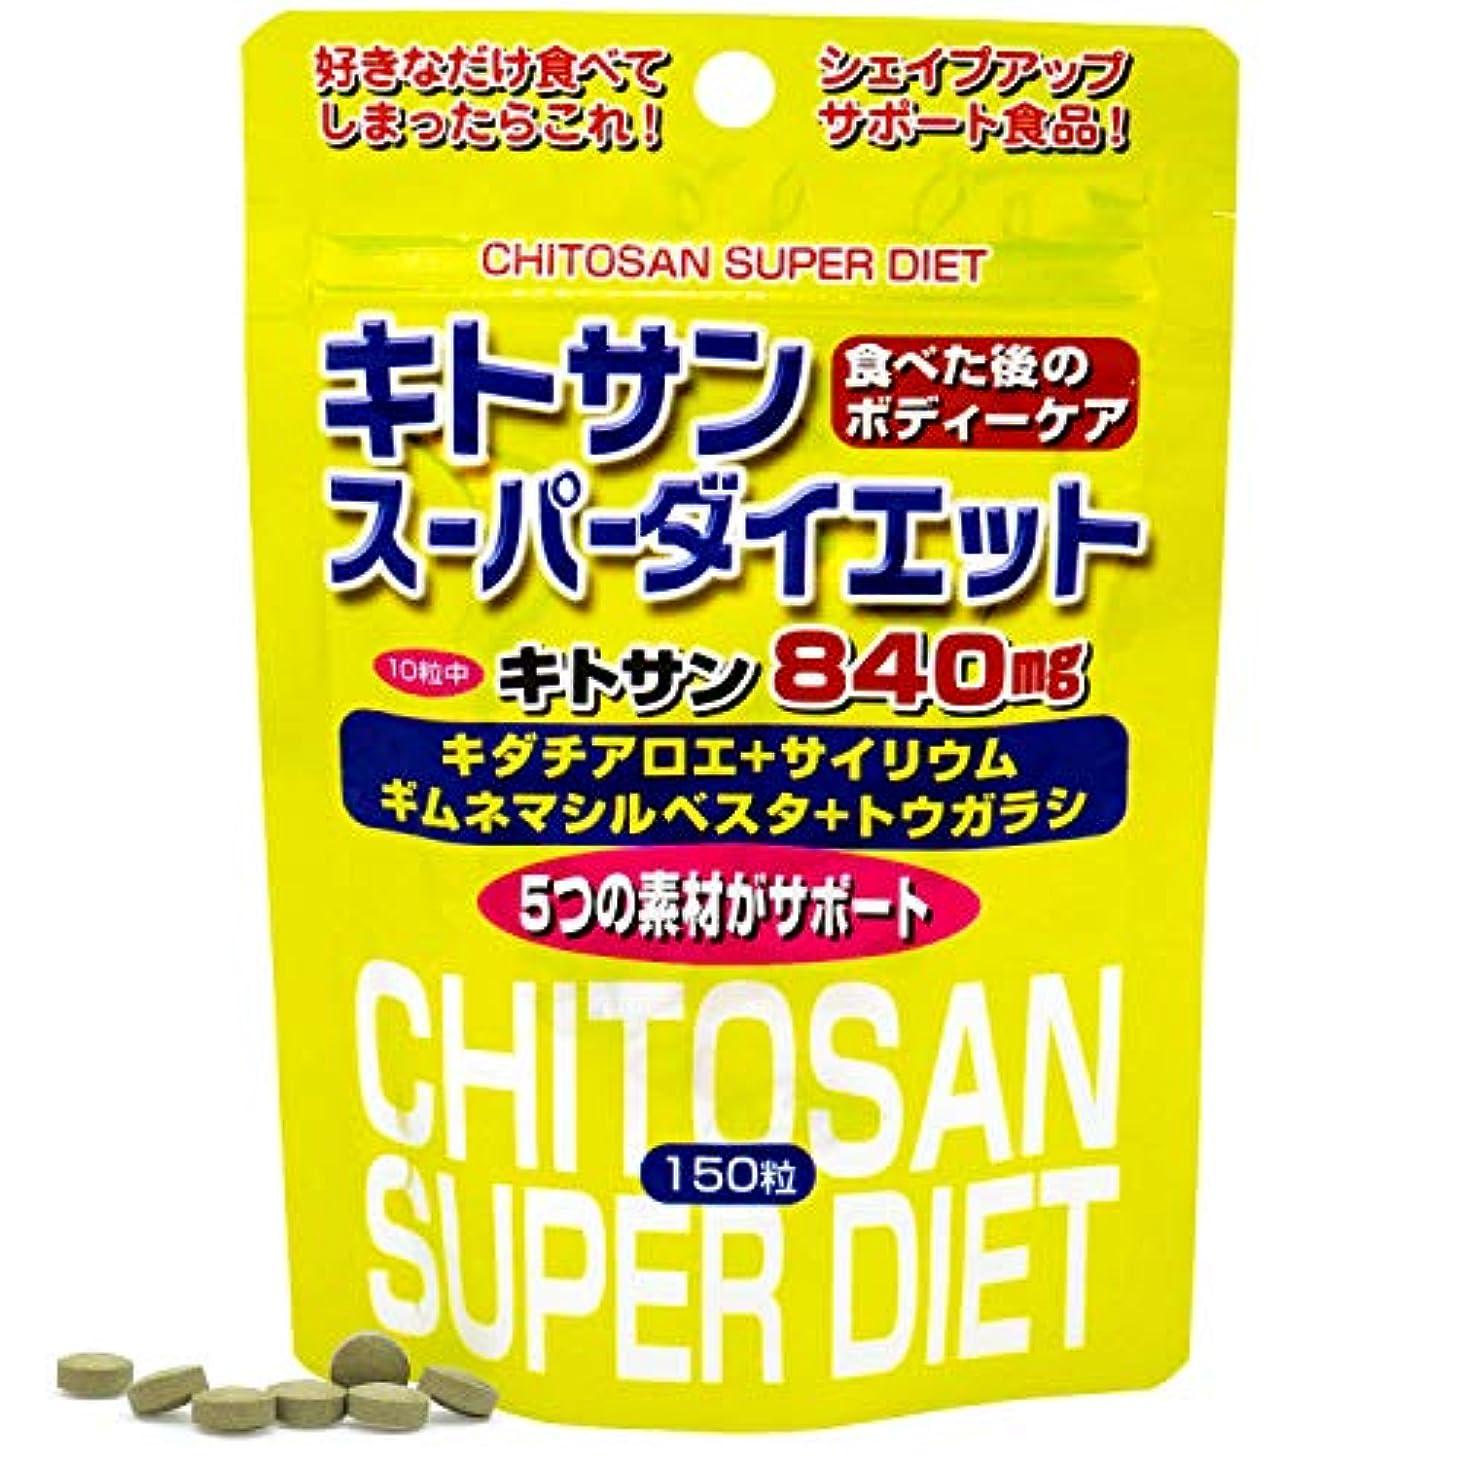 喪区川ユウキ製薬 スタンドパック キトサンスーパーダイエット 15-21日分 150粒